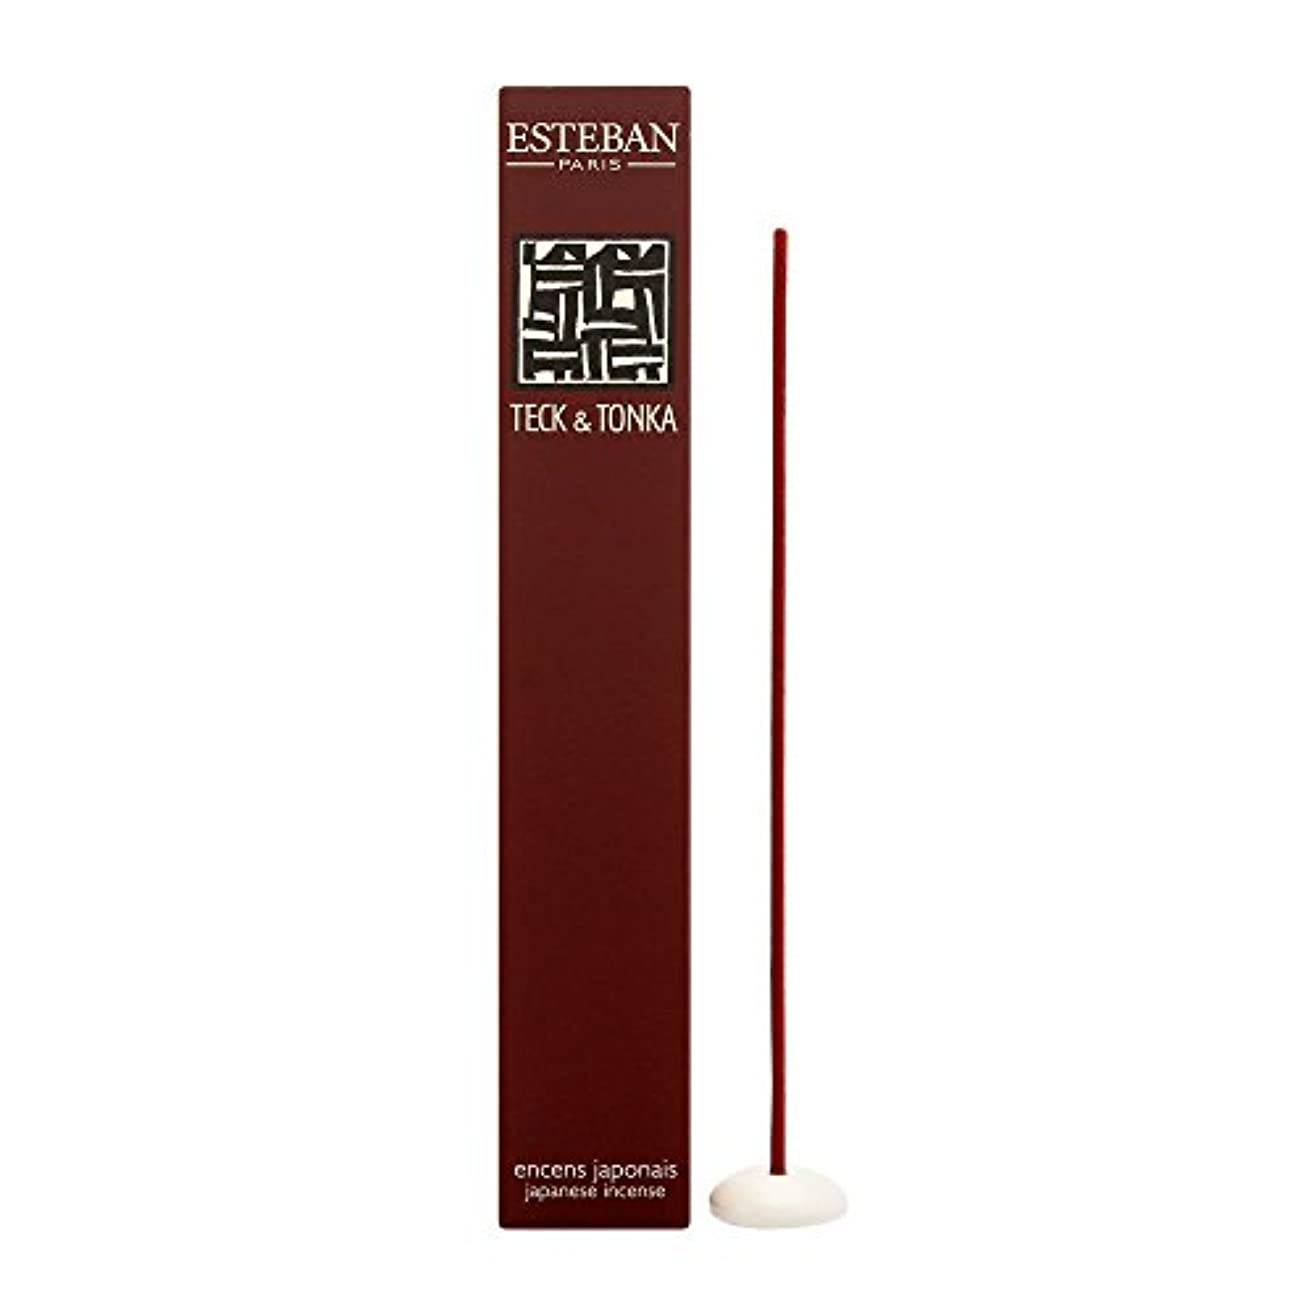 バーストホールドオールどうやってEsteban Teck & Tonka 日本製お香スティック 40本